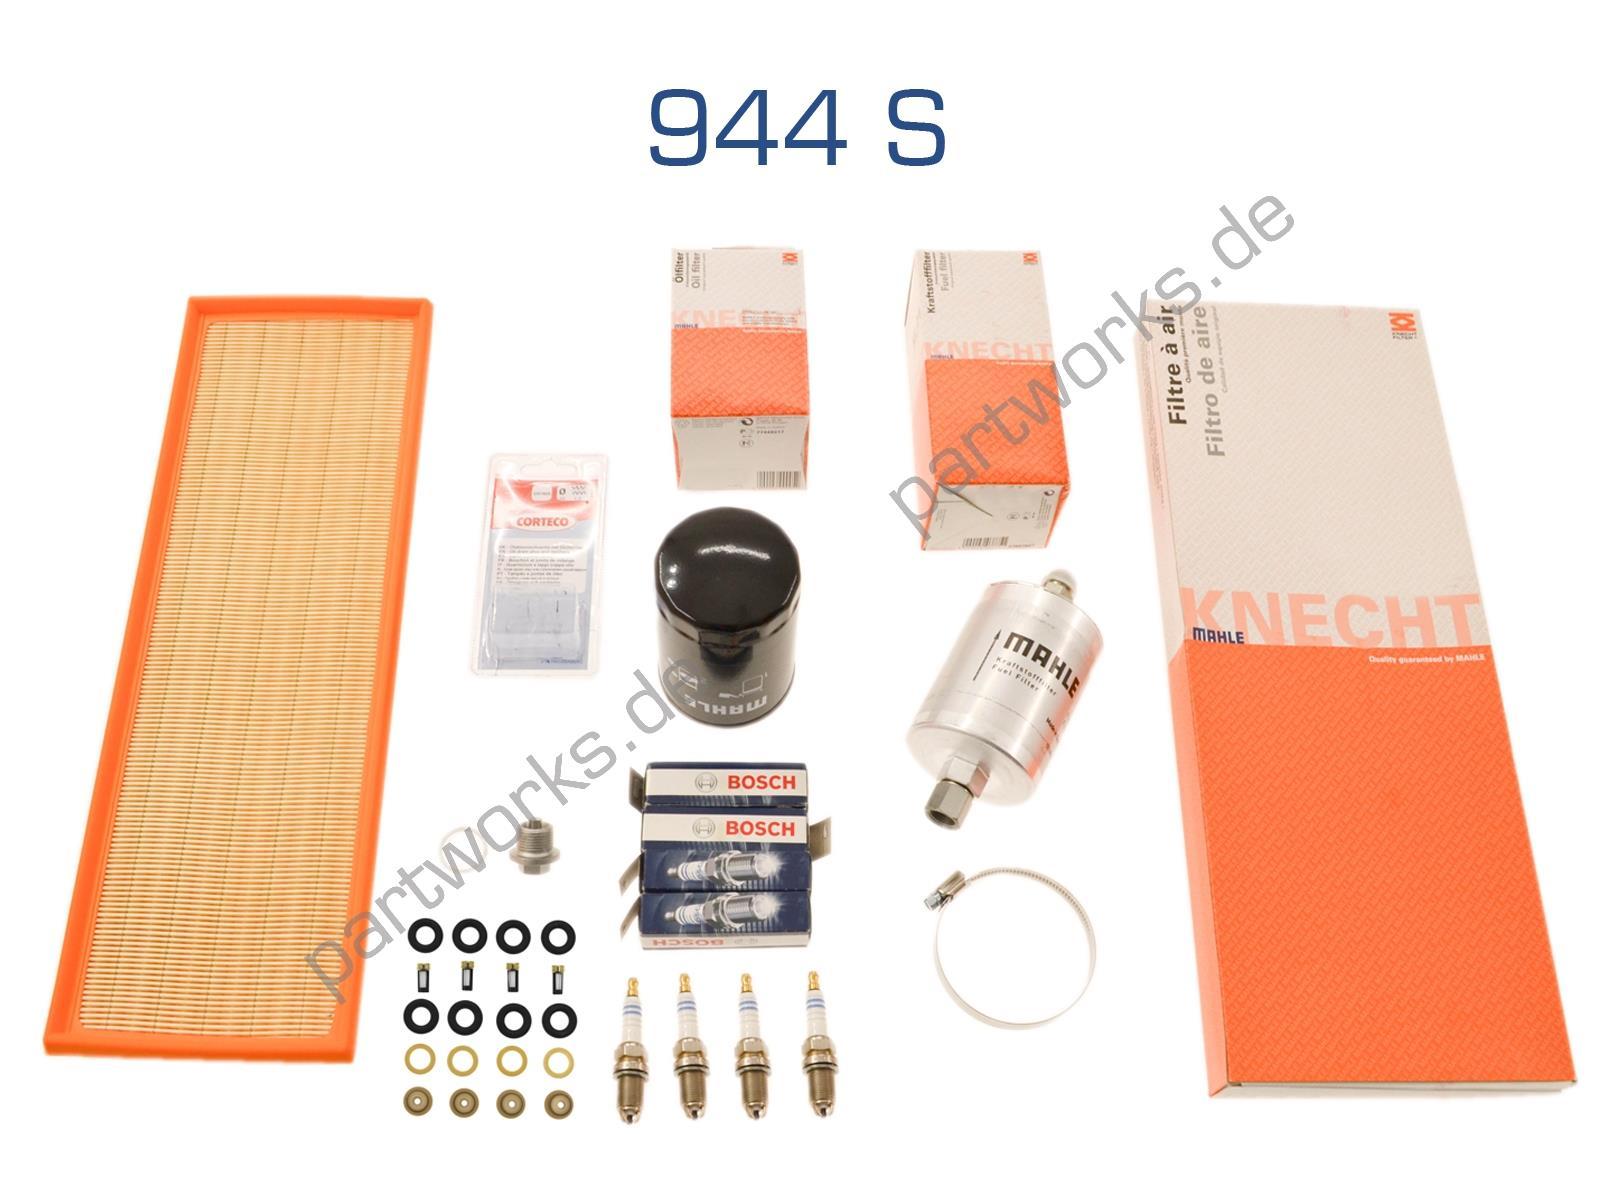 Inspektionskit für Porsche 944 S Filter Zündung Dichtungen